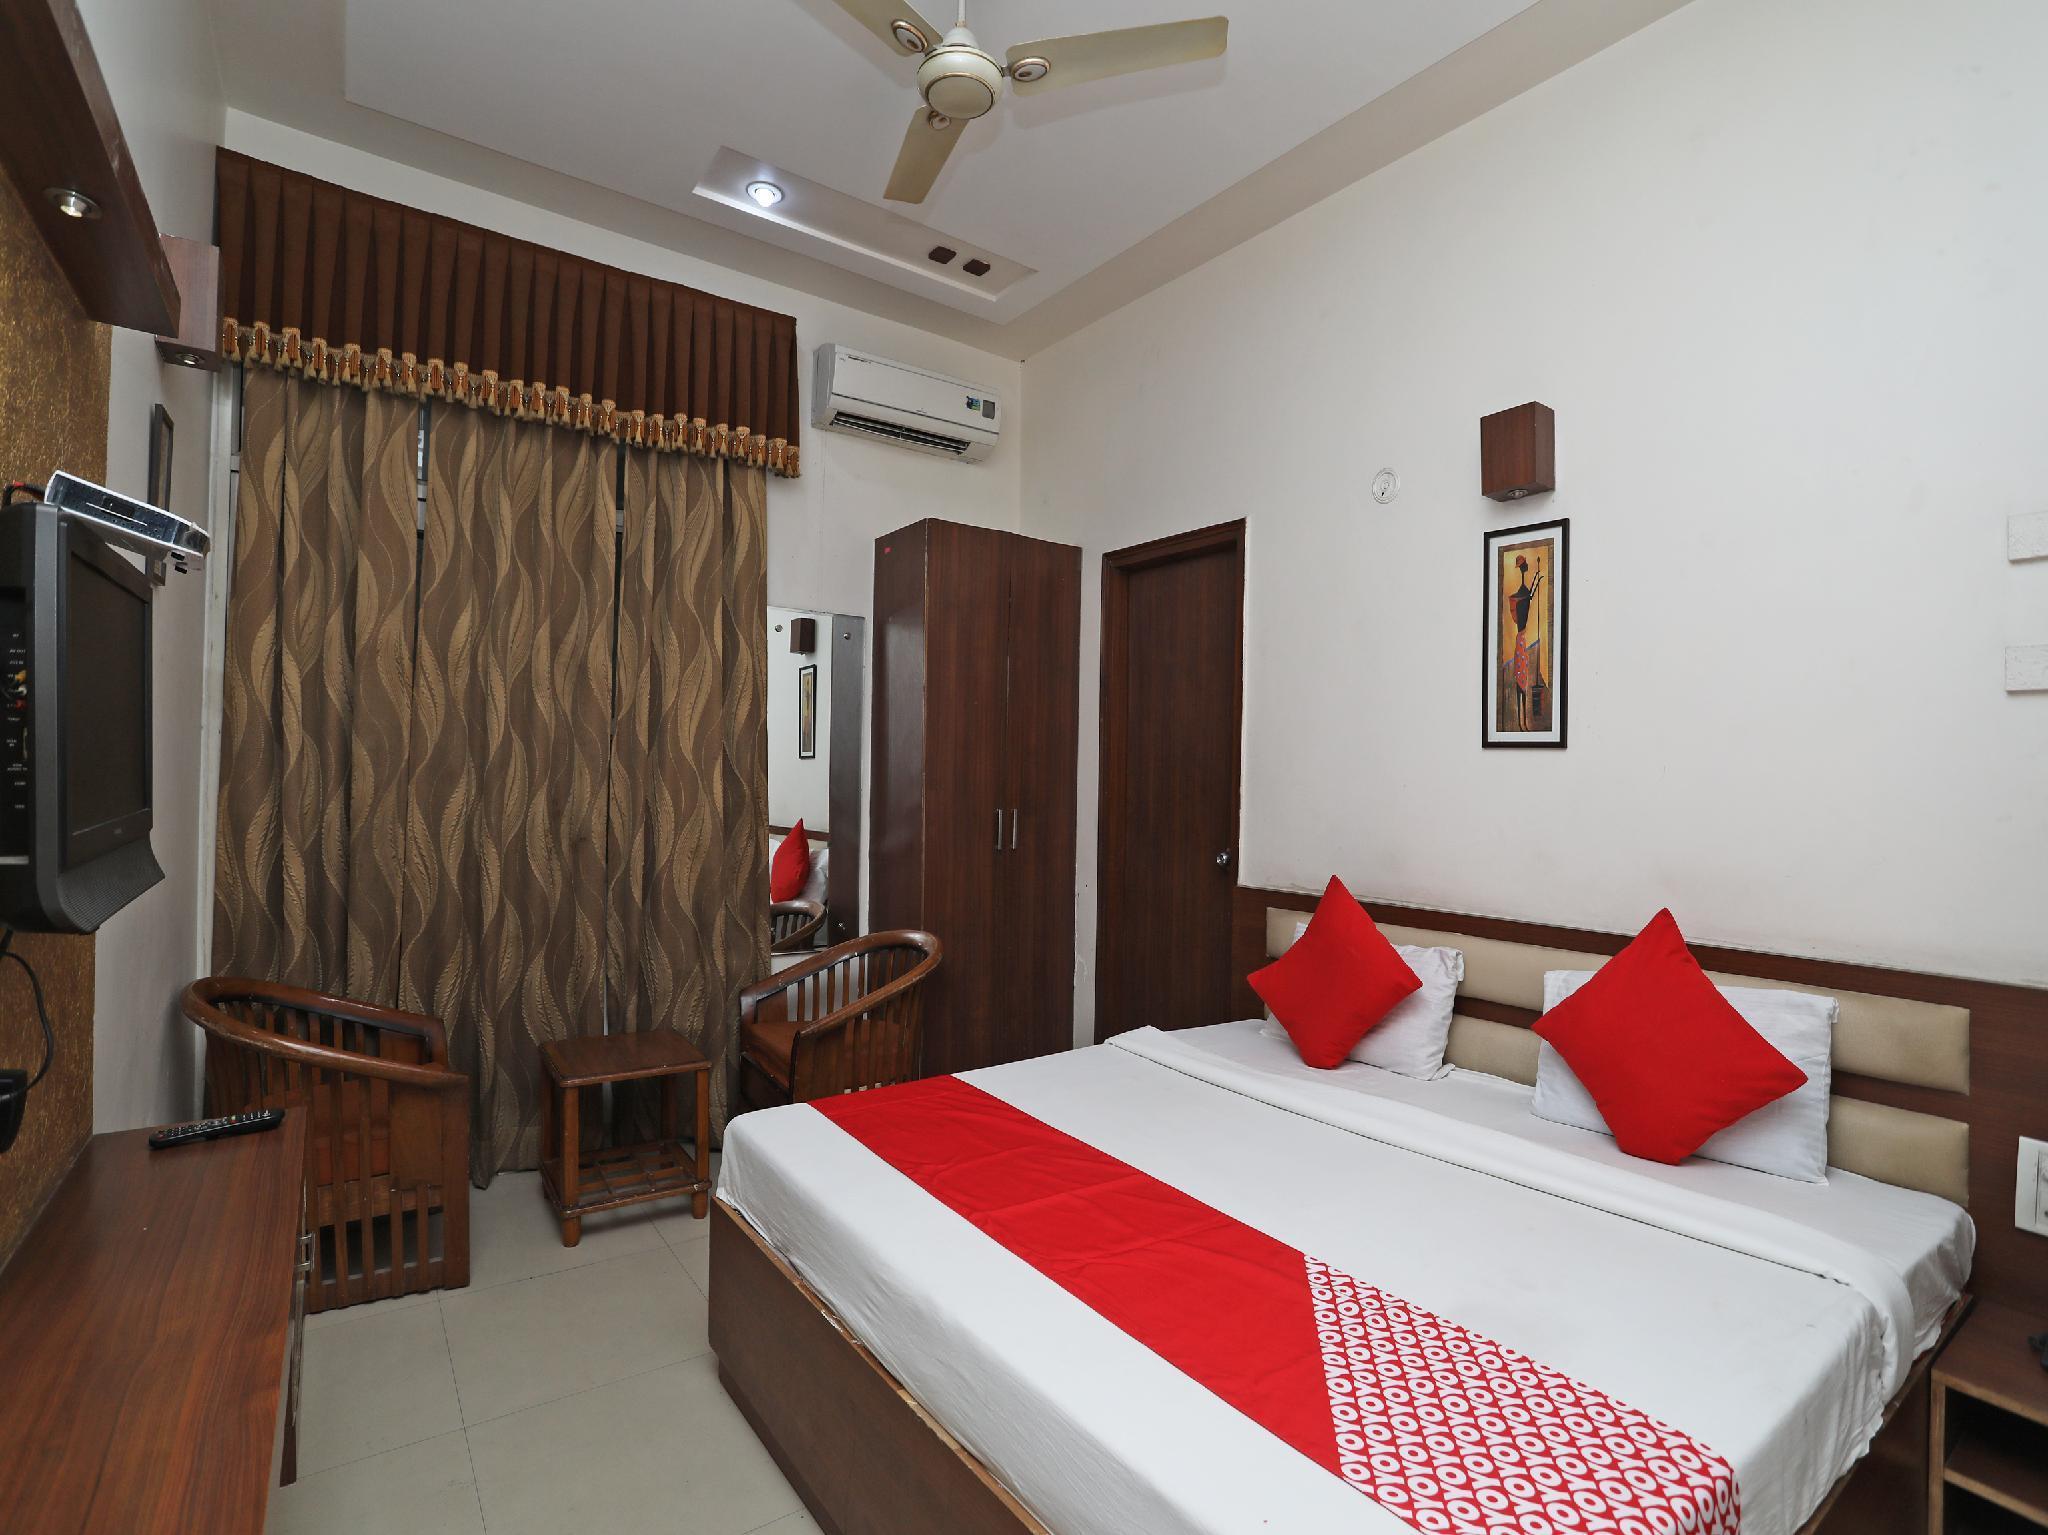 OYO 38103 hotel shubham, Rewari